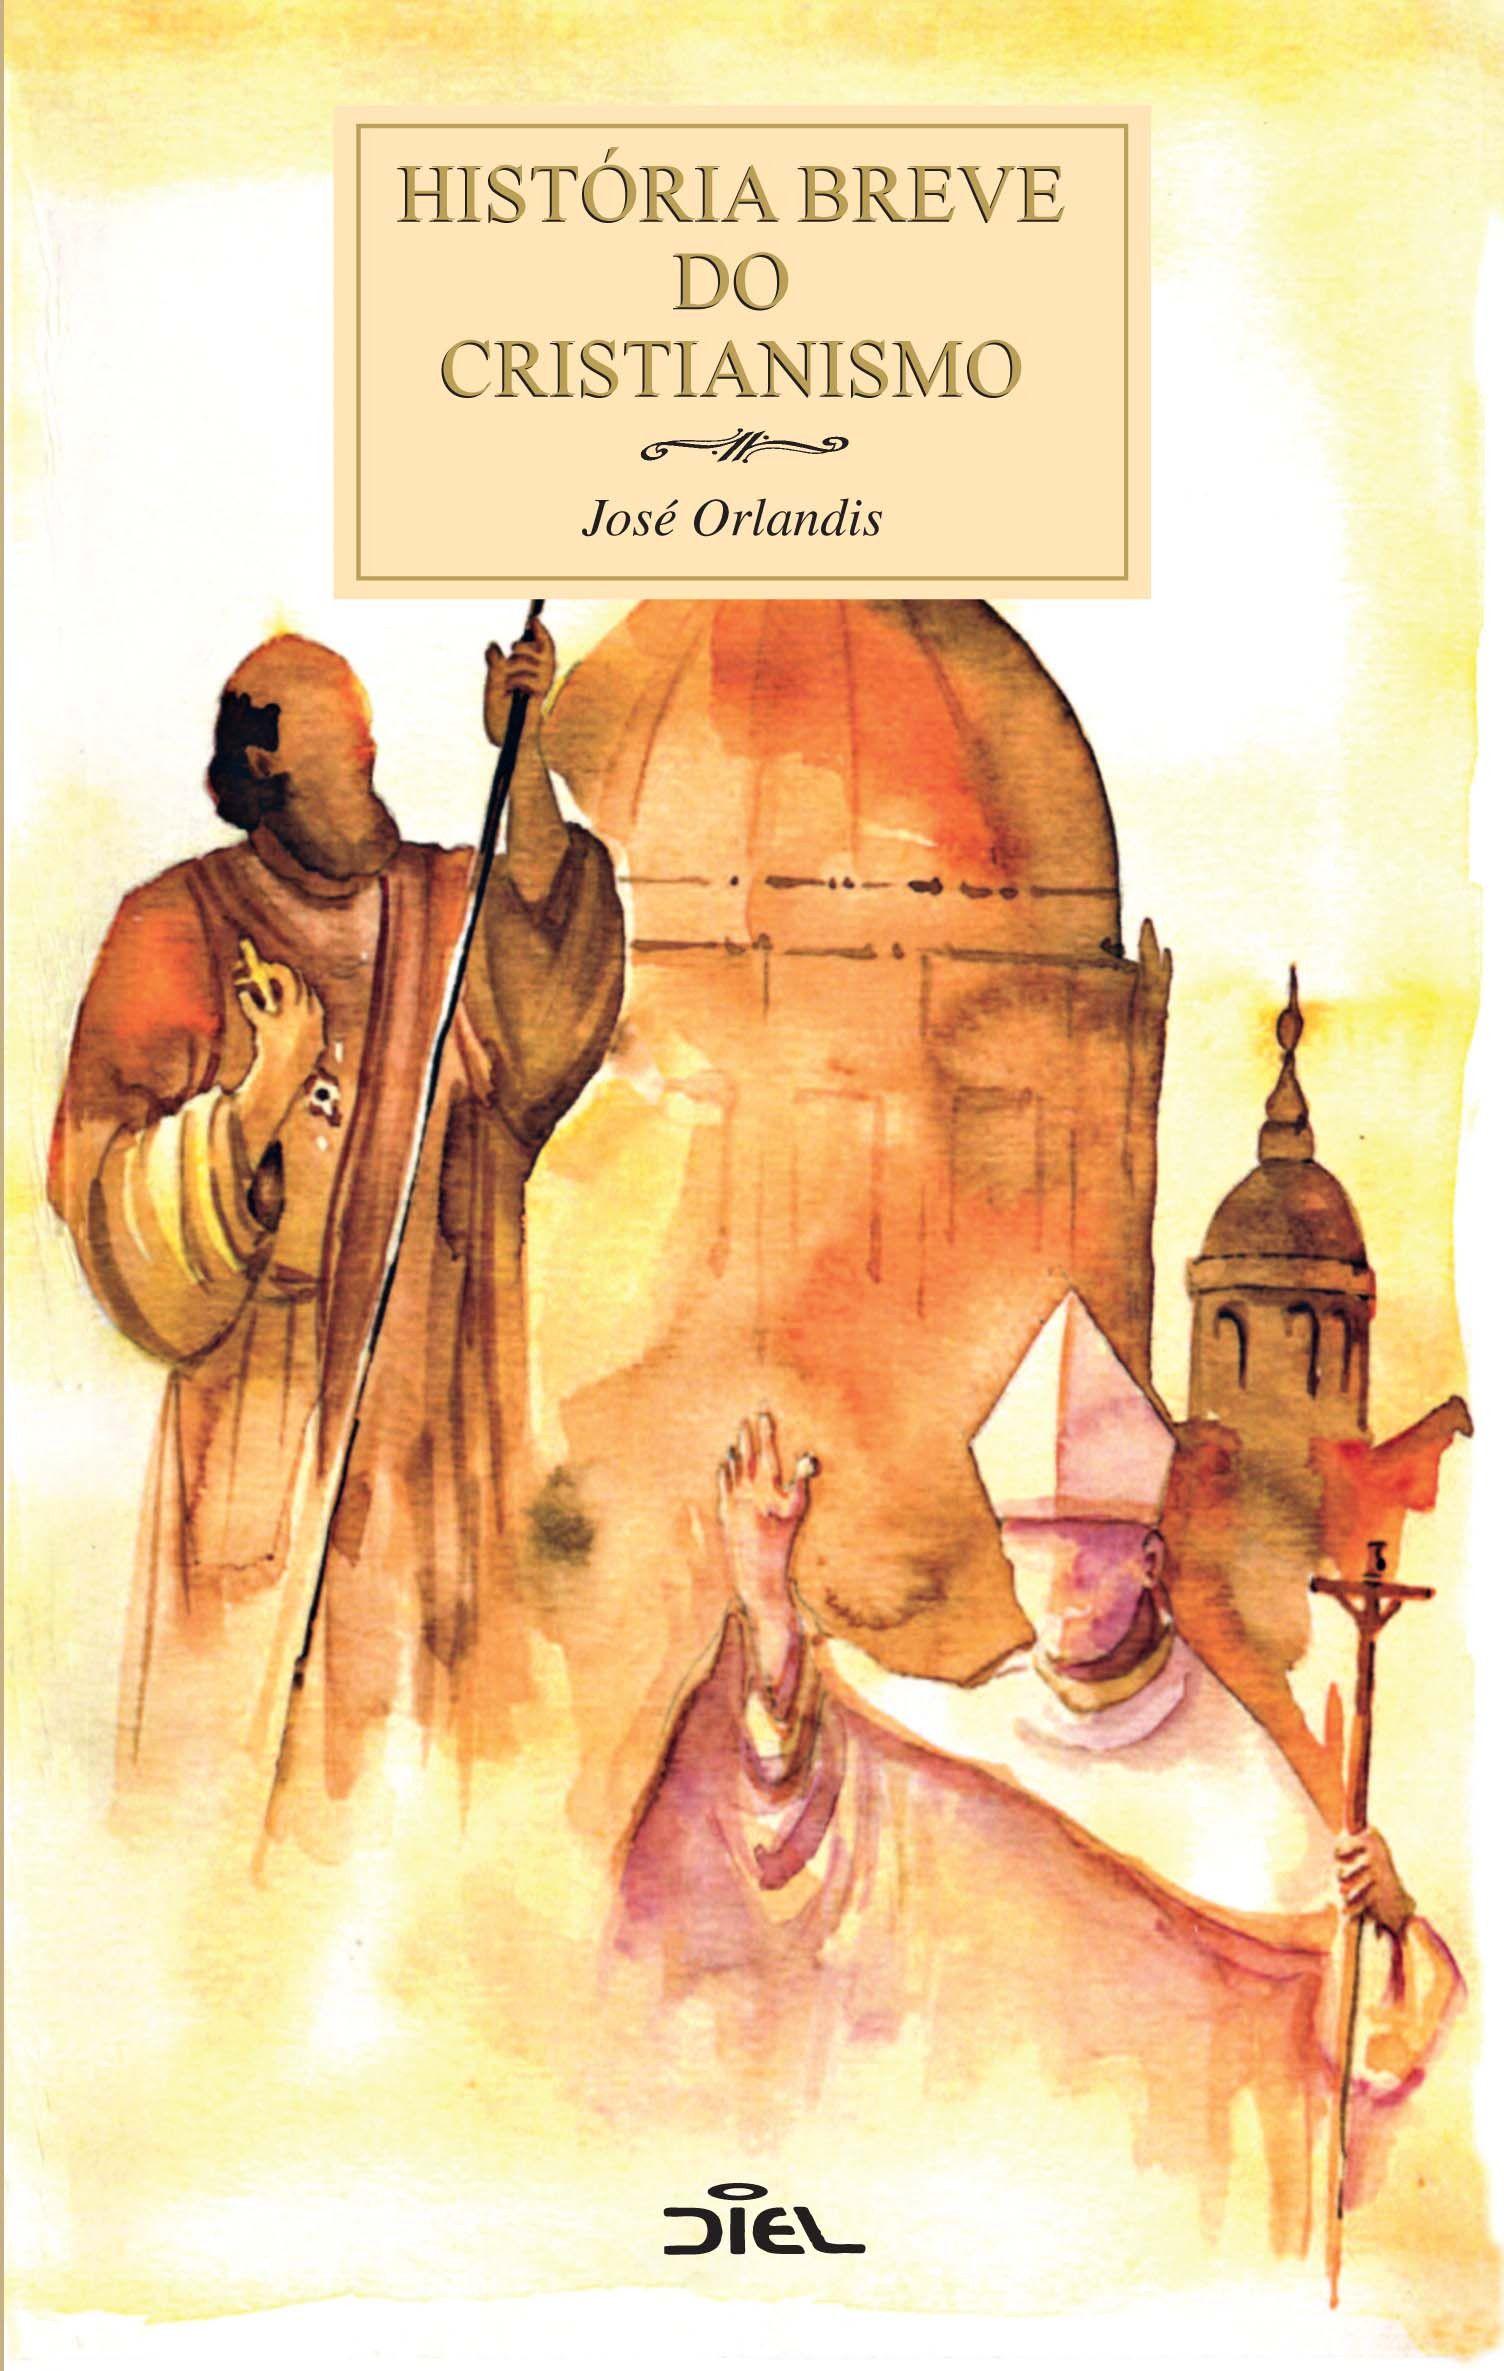 História Breve do Cristianismo